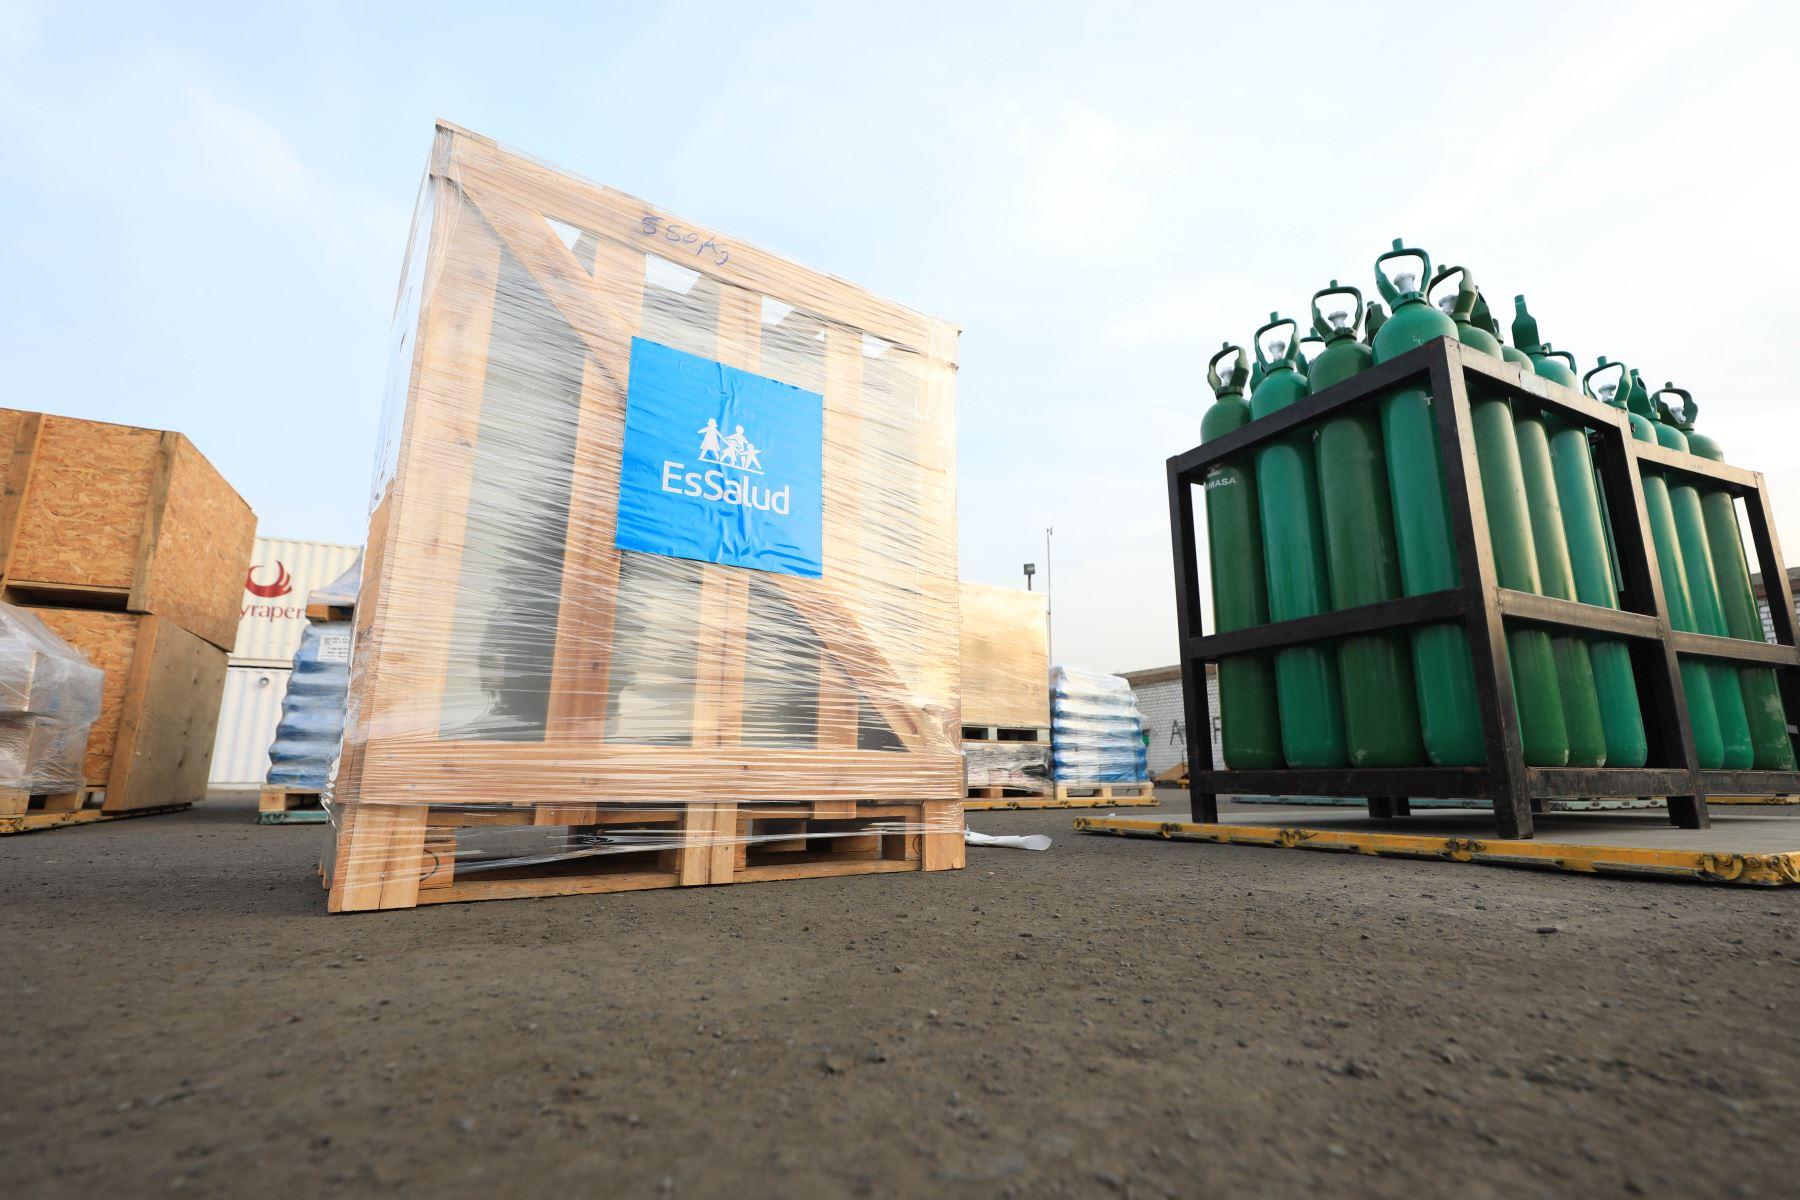 Una nueva planta de producción de oxígeno medicinal fue enviada a Loreto por EsSalud con el fin de fortalecer el abastecimiento de este vital insumo ante la alta demanda por la segunda ola de contagios por la covid-19 que registra esa región. Foto: EsSalud